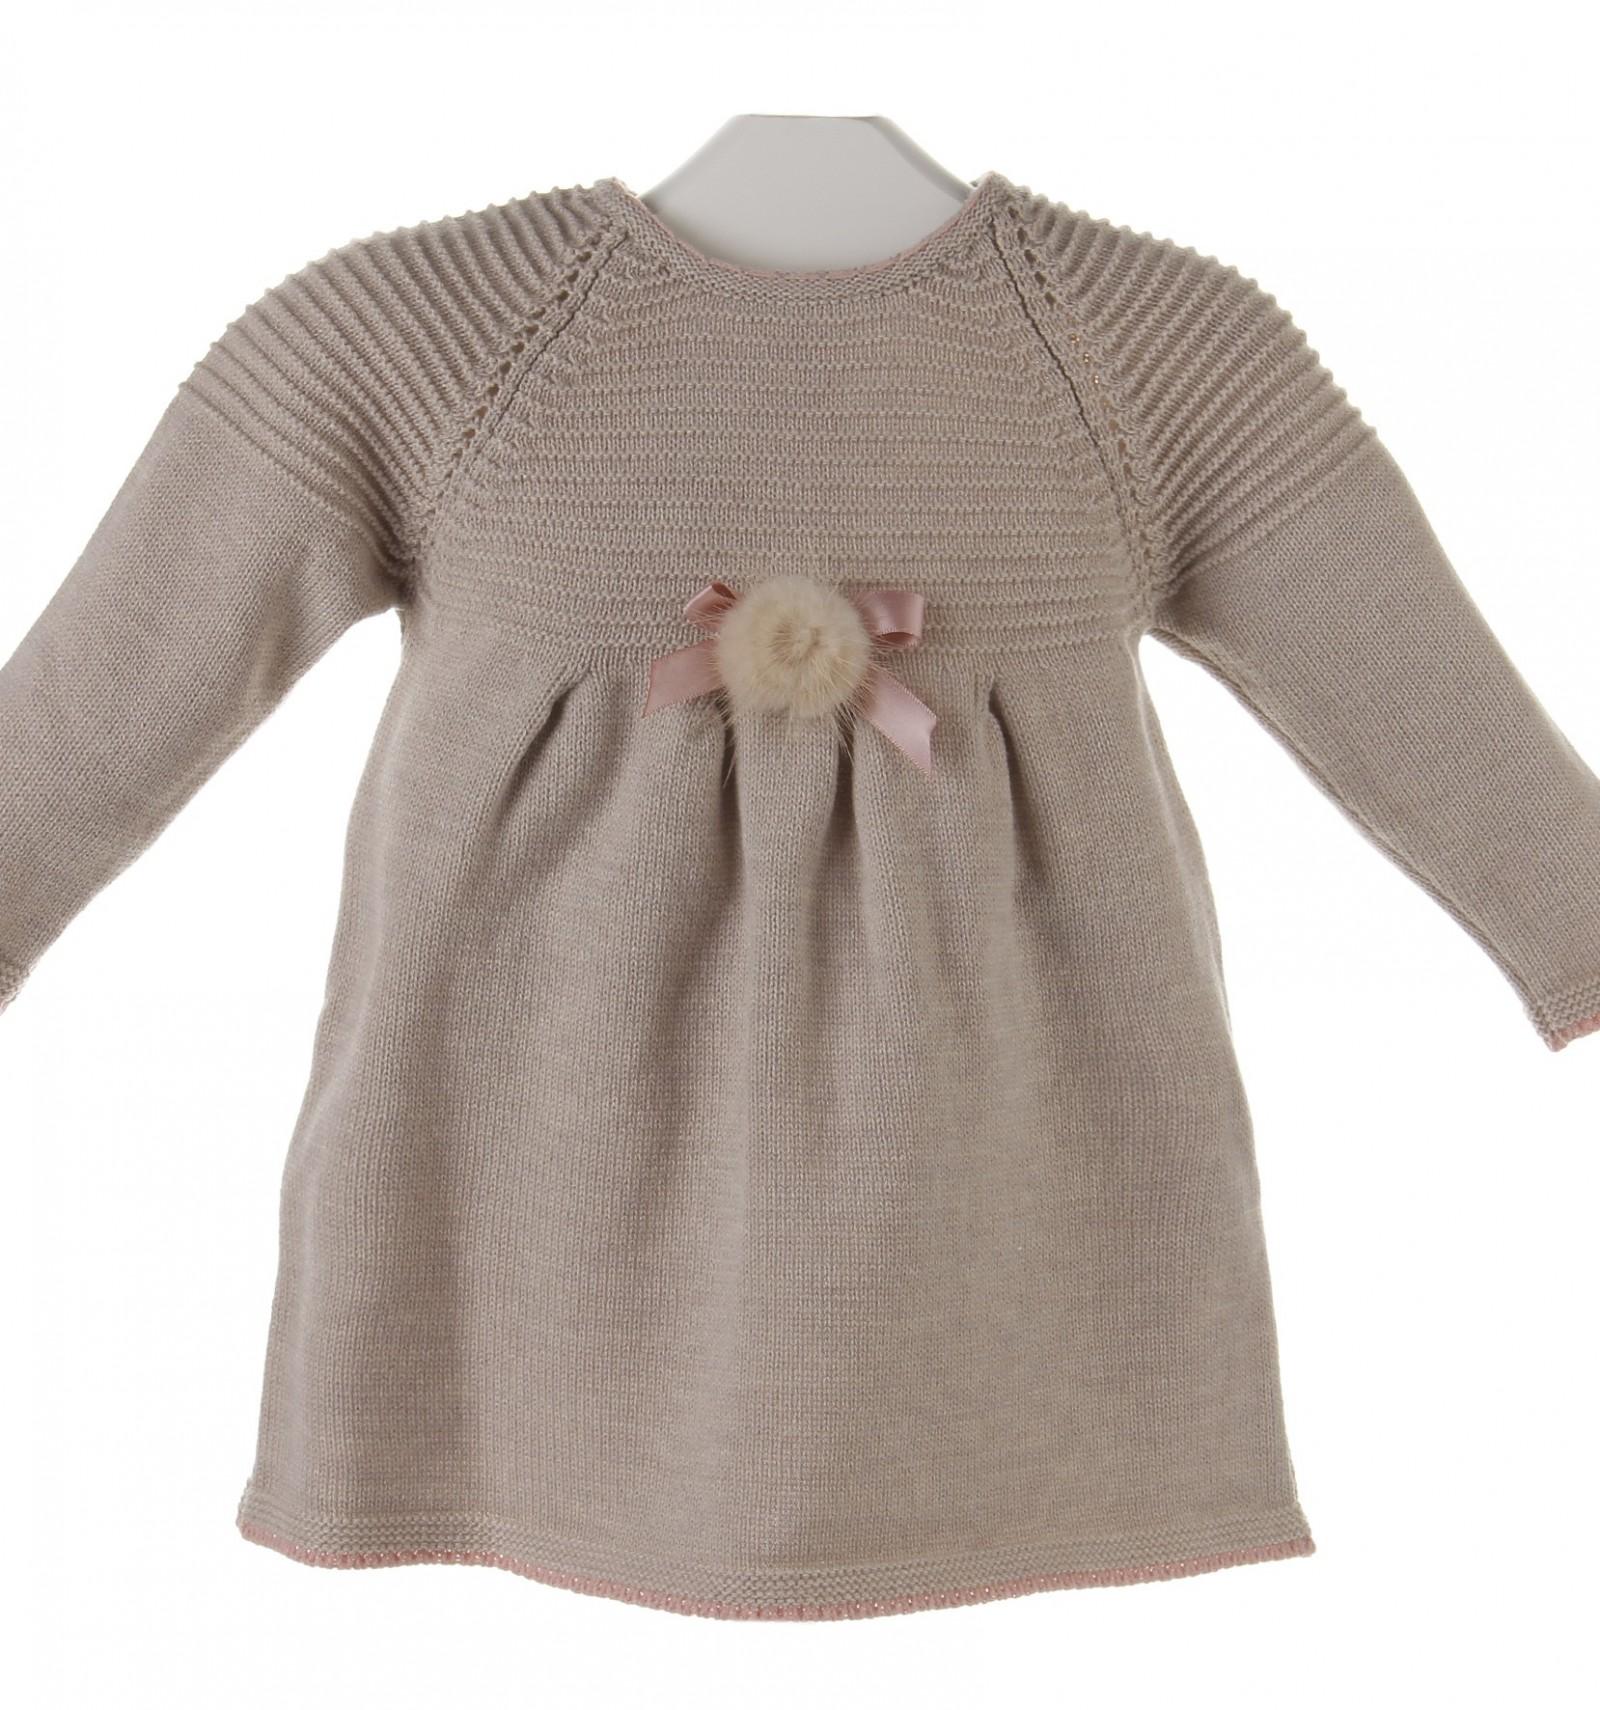 e8b79bd5d Vestido de lana para bebé con adorno de visón